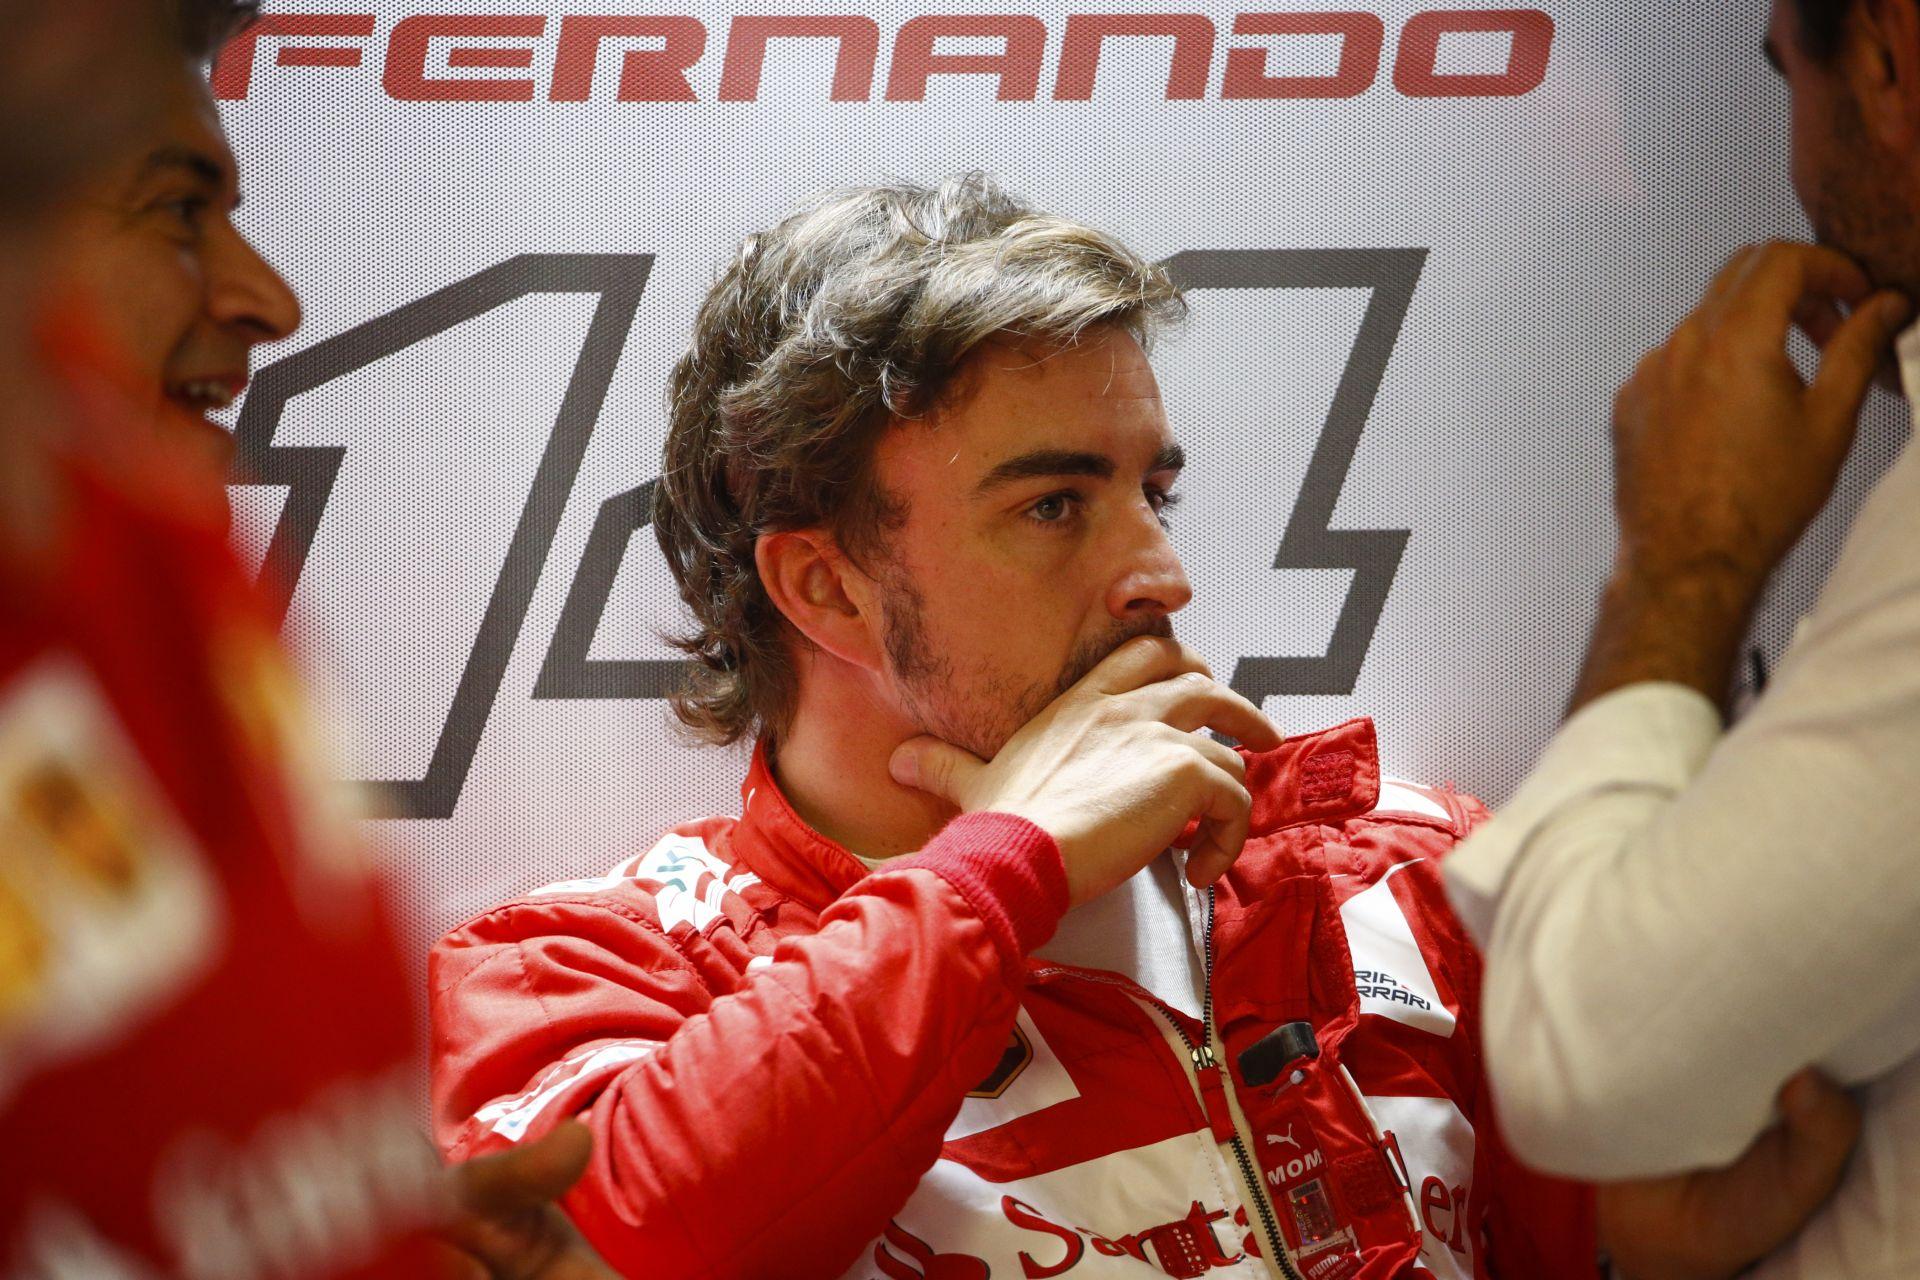 Alonso élete legfontosabb döntése előtt állhat: Elhagyja a Ferrarit, vagy sem?